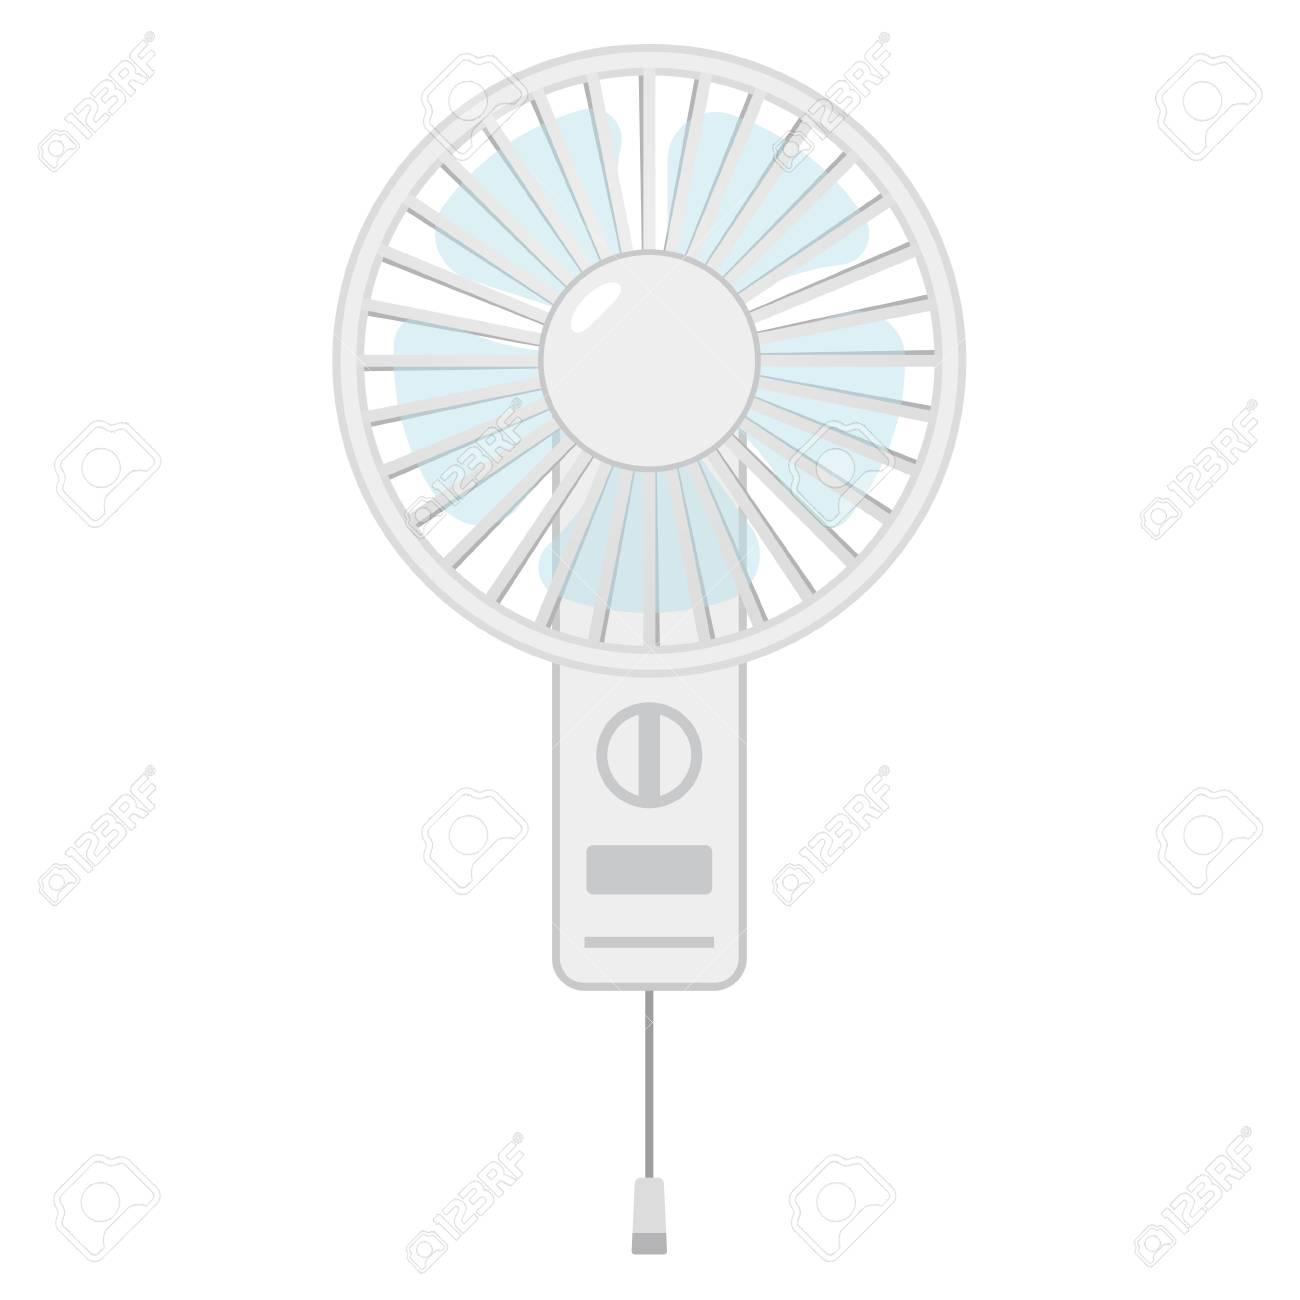 扇風機のイラストのイラスト素材ベクタ Image 81208451